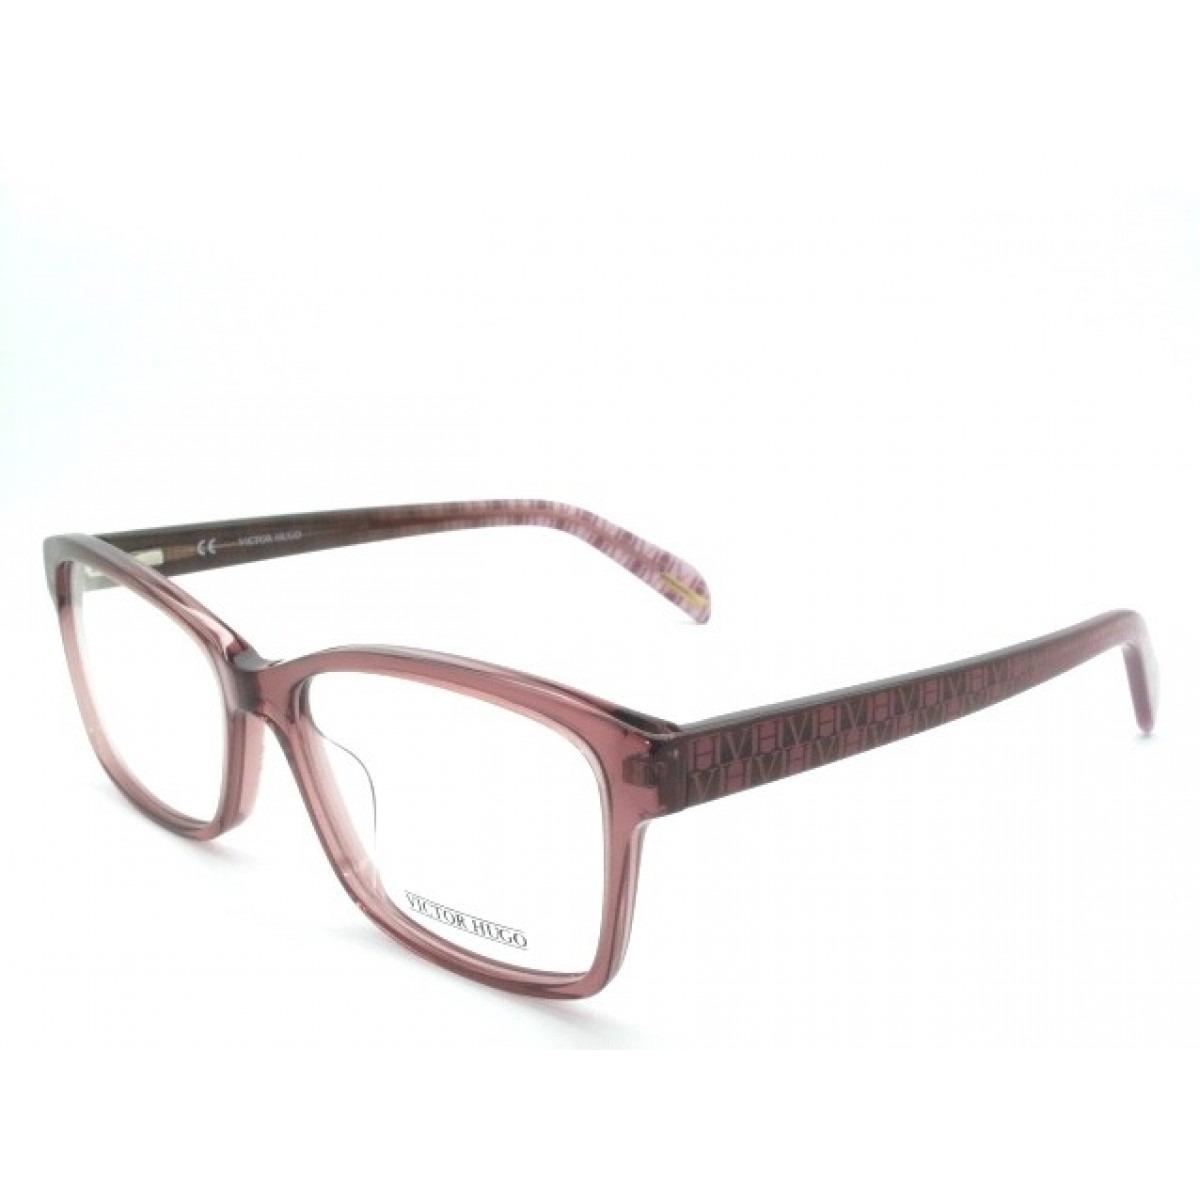 4fd2e7c1b3cb2 Armação De Óculos Victor Hugo Vh1726 Col.096d 140 - R  609,00 em Mercado  Livre